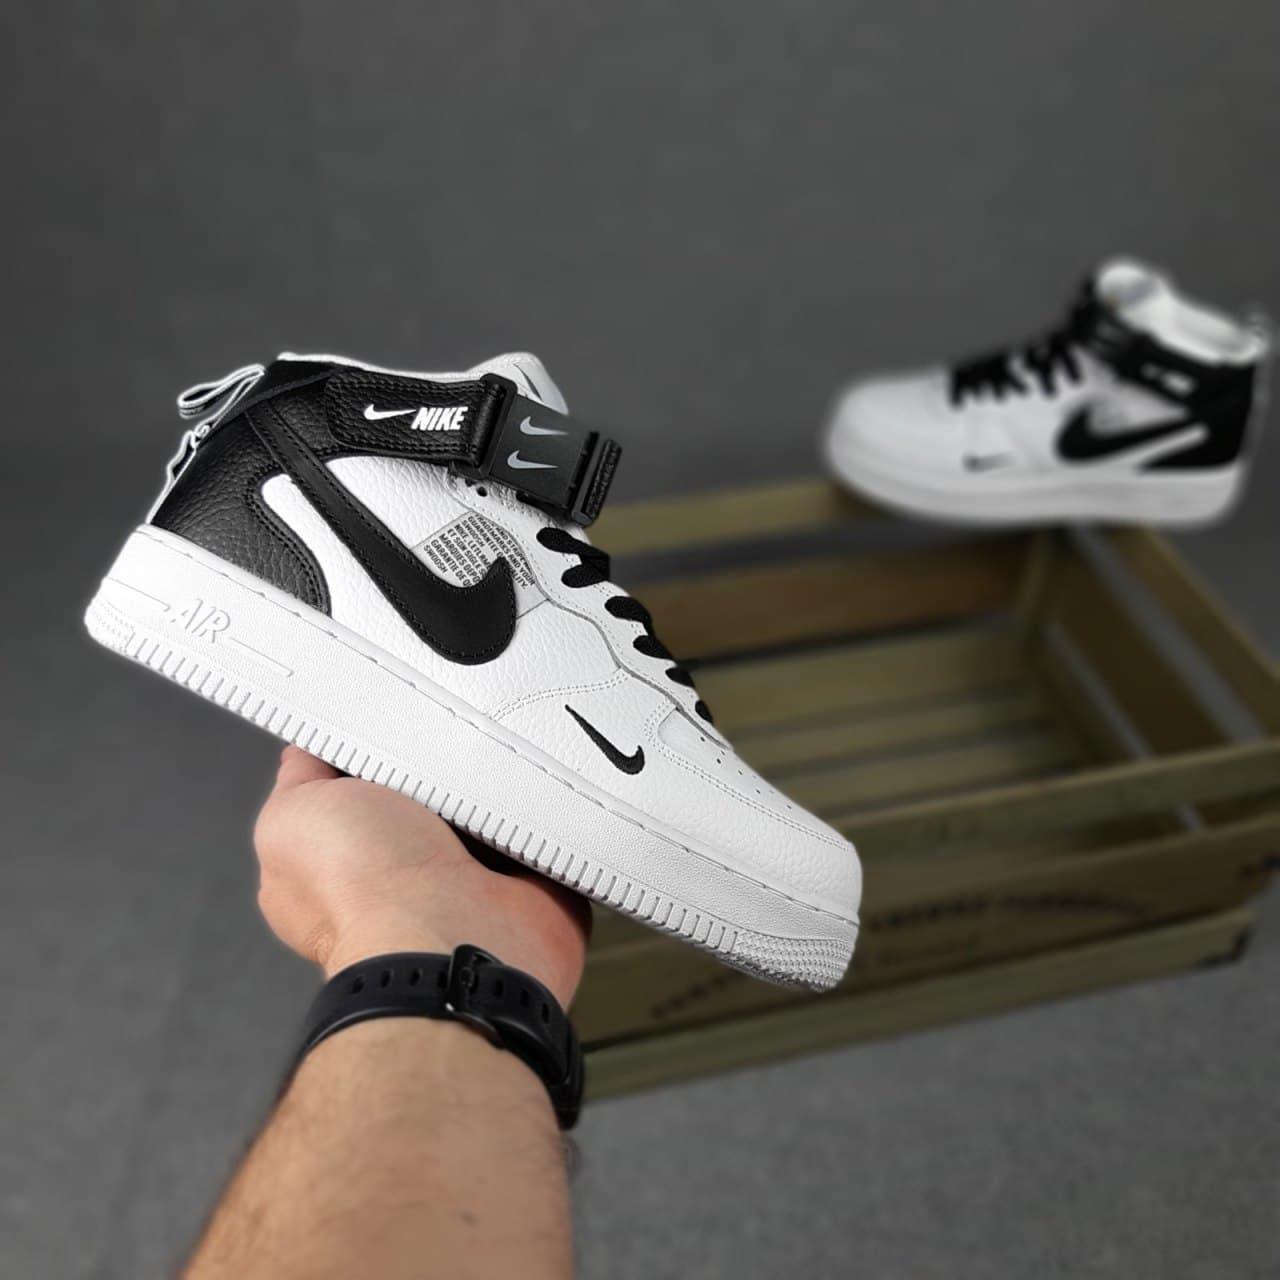 Женские кроссовки N1ke Force 1 x OFF White Белые с чёрным высокие ,без меха 36-41